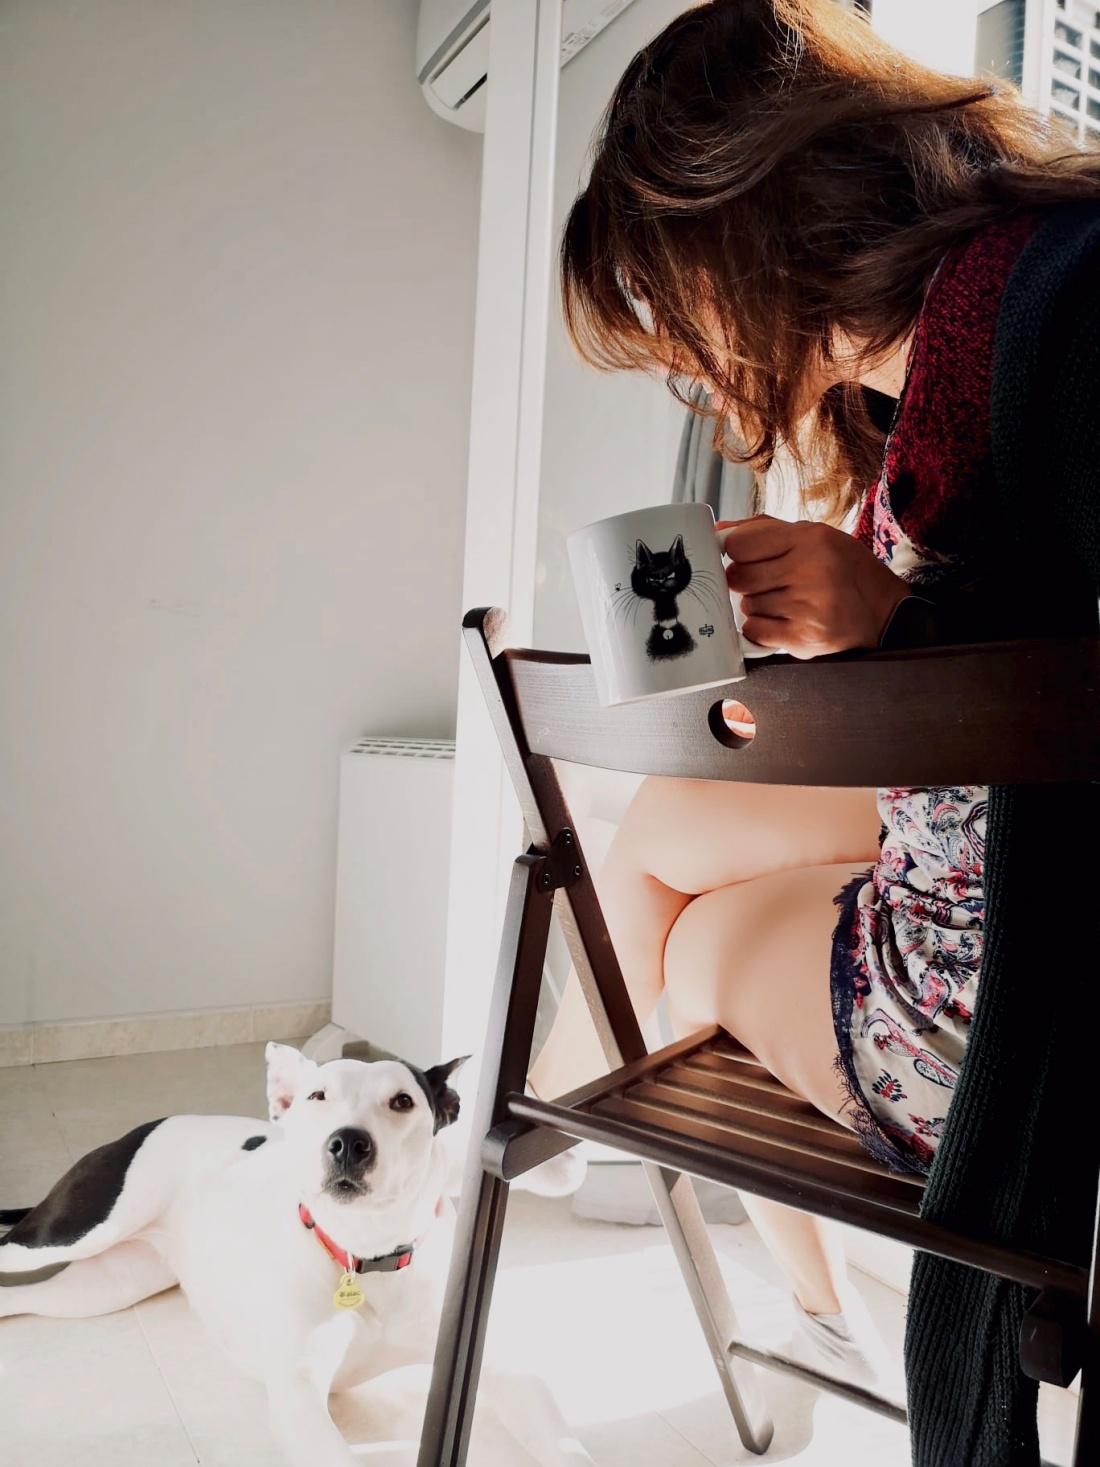 nuestras mascotas nos ayudan a lidiar con las emociones